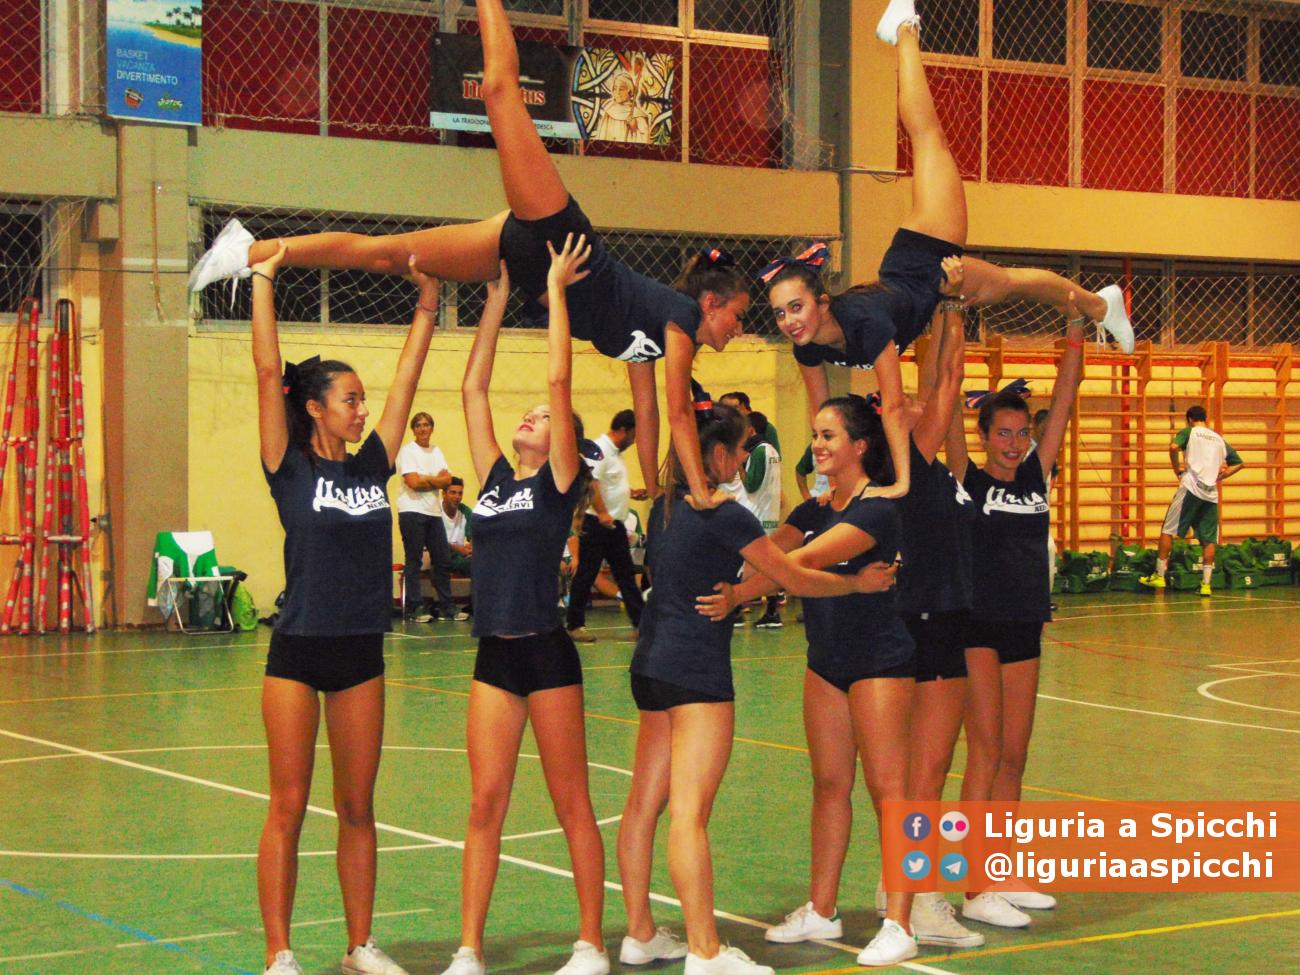 Cheerleaders all'intervallo © LIGURIA A SPICCHI